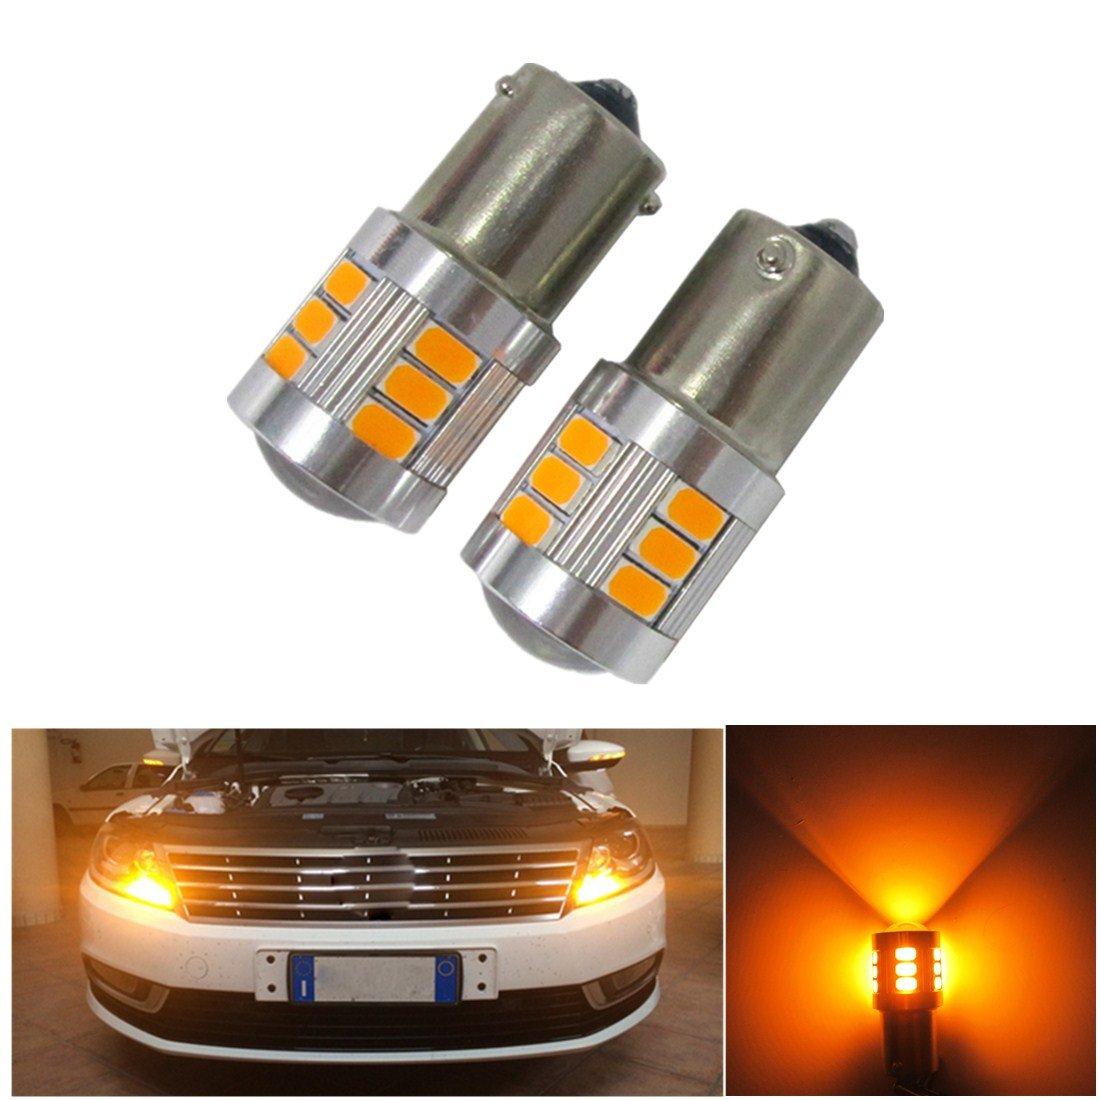 FEZZ Auto LED Ampoules Clignotants BAU15S 1156 150° 5630 18SMD avec Projecteur, 18W Ambre Jaune, Paquet de 2 FZ0251-01